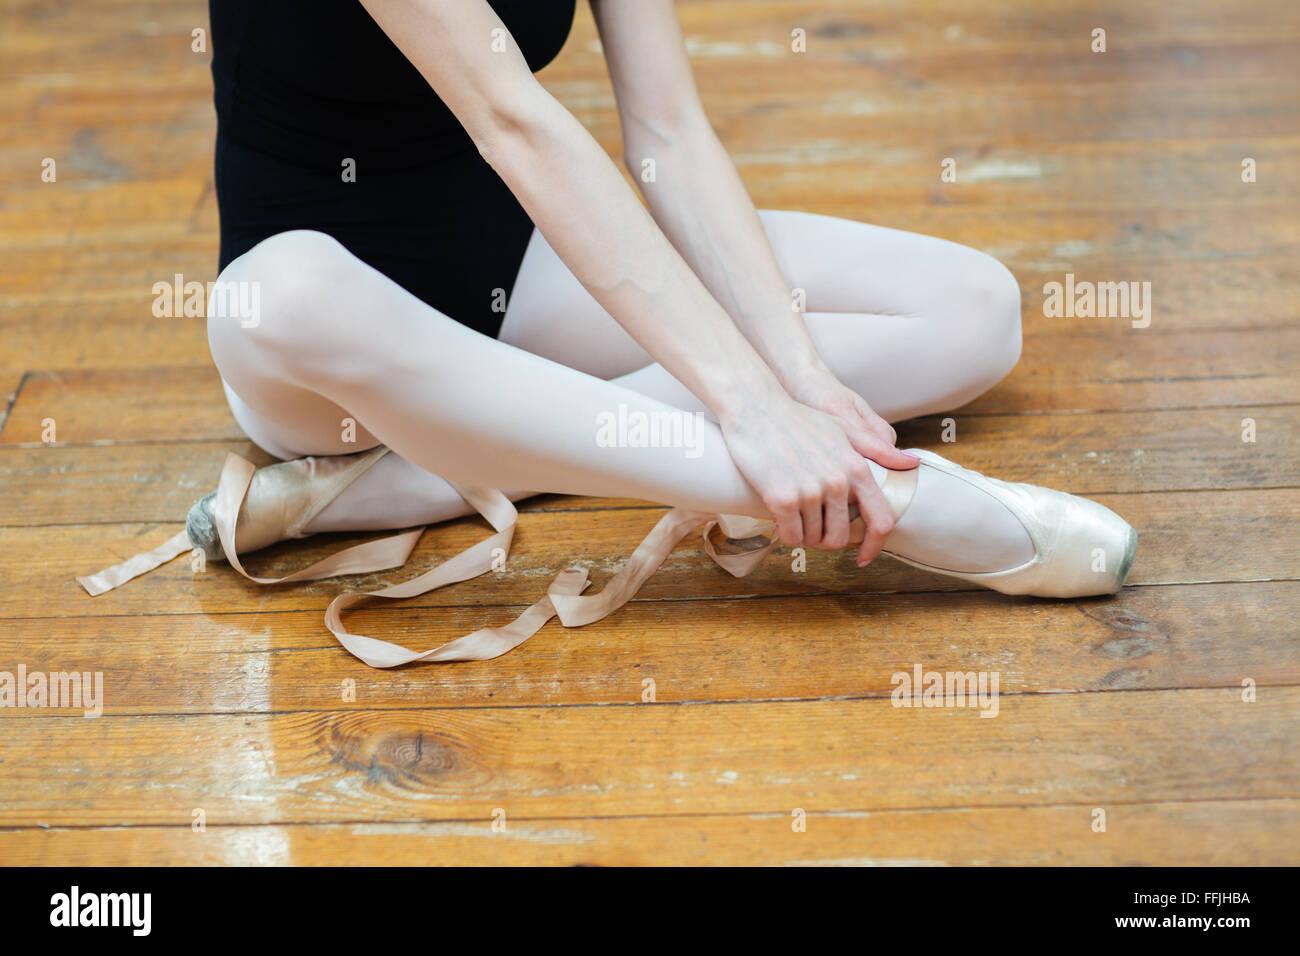 Imagen recortada de una bailarina de pointes teniendo dolor en el tobillo Foto de stock